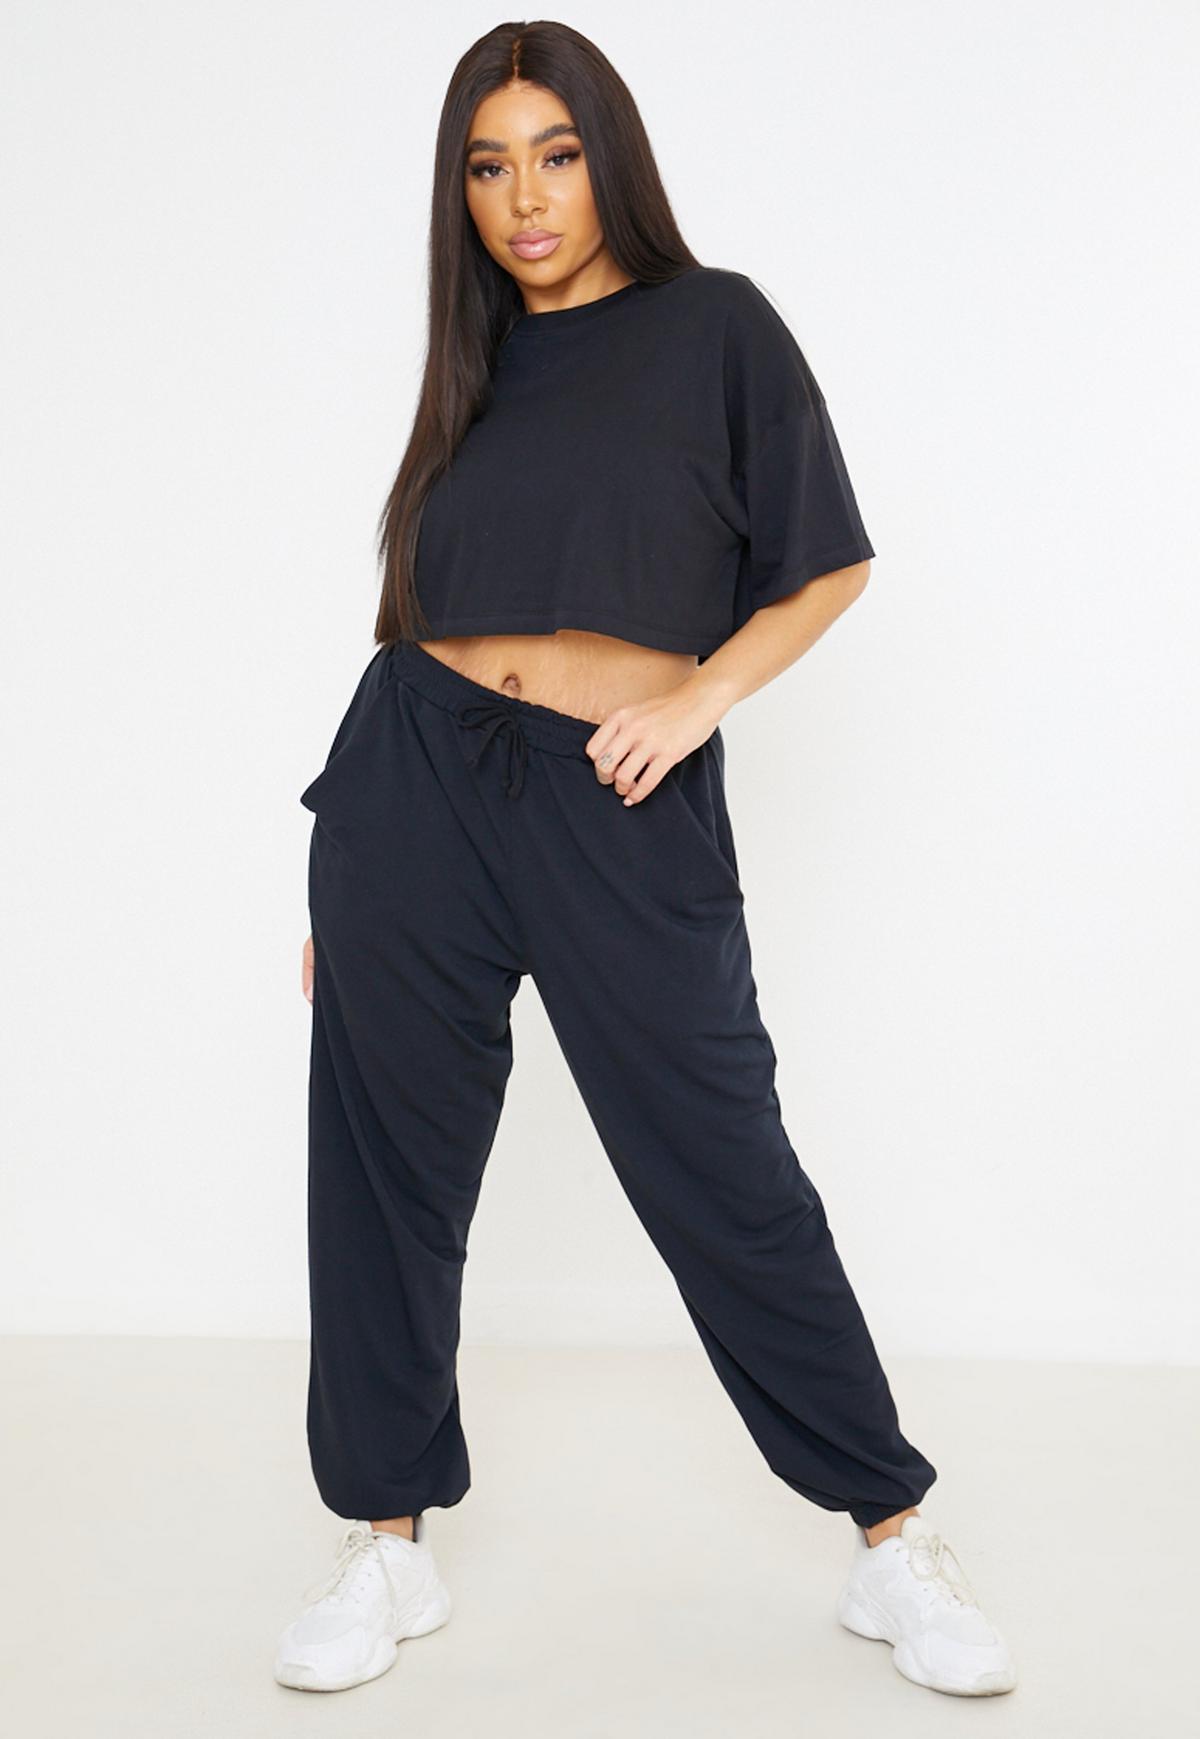 HAREM PANTS extra large plus size trouser wide leg baggy